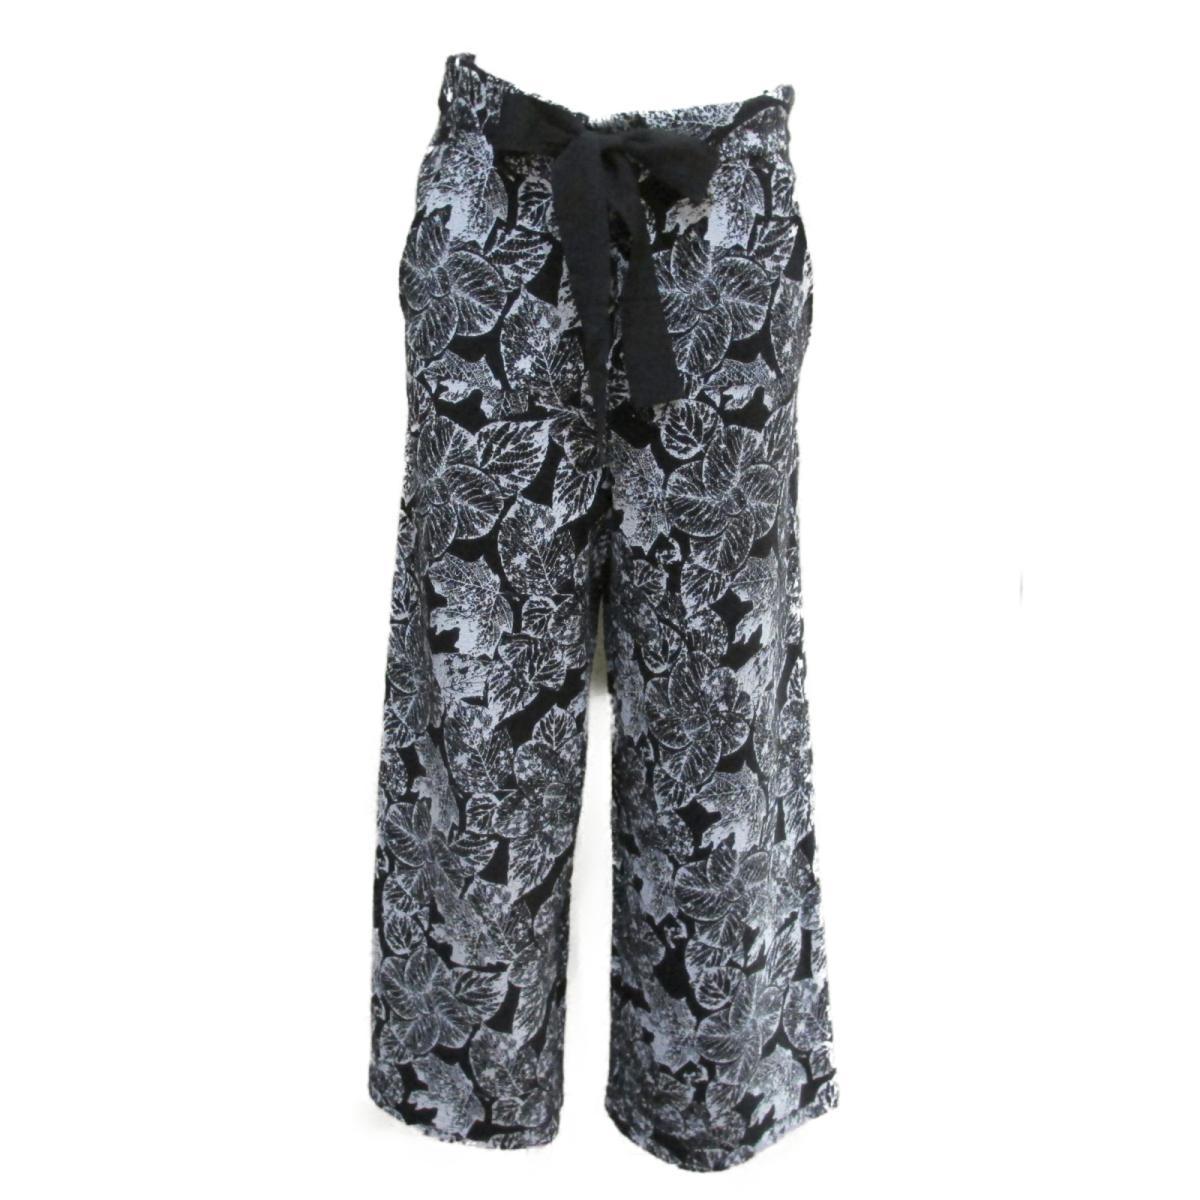 【中古】 シャネル パンツ レディース コットン100% ブラック ホワイト (P60207K07863) | CHANEL BRANDOFF ブランドオフ 衣料品 衣類 ブランド ボトムス